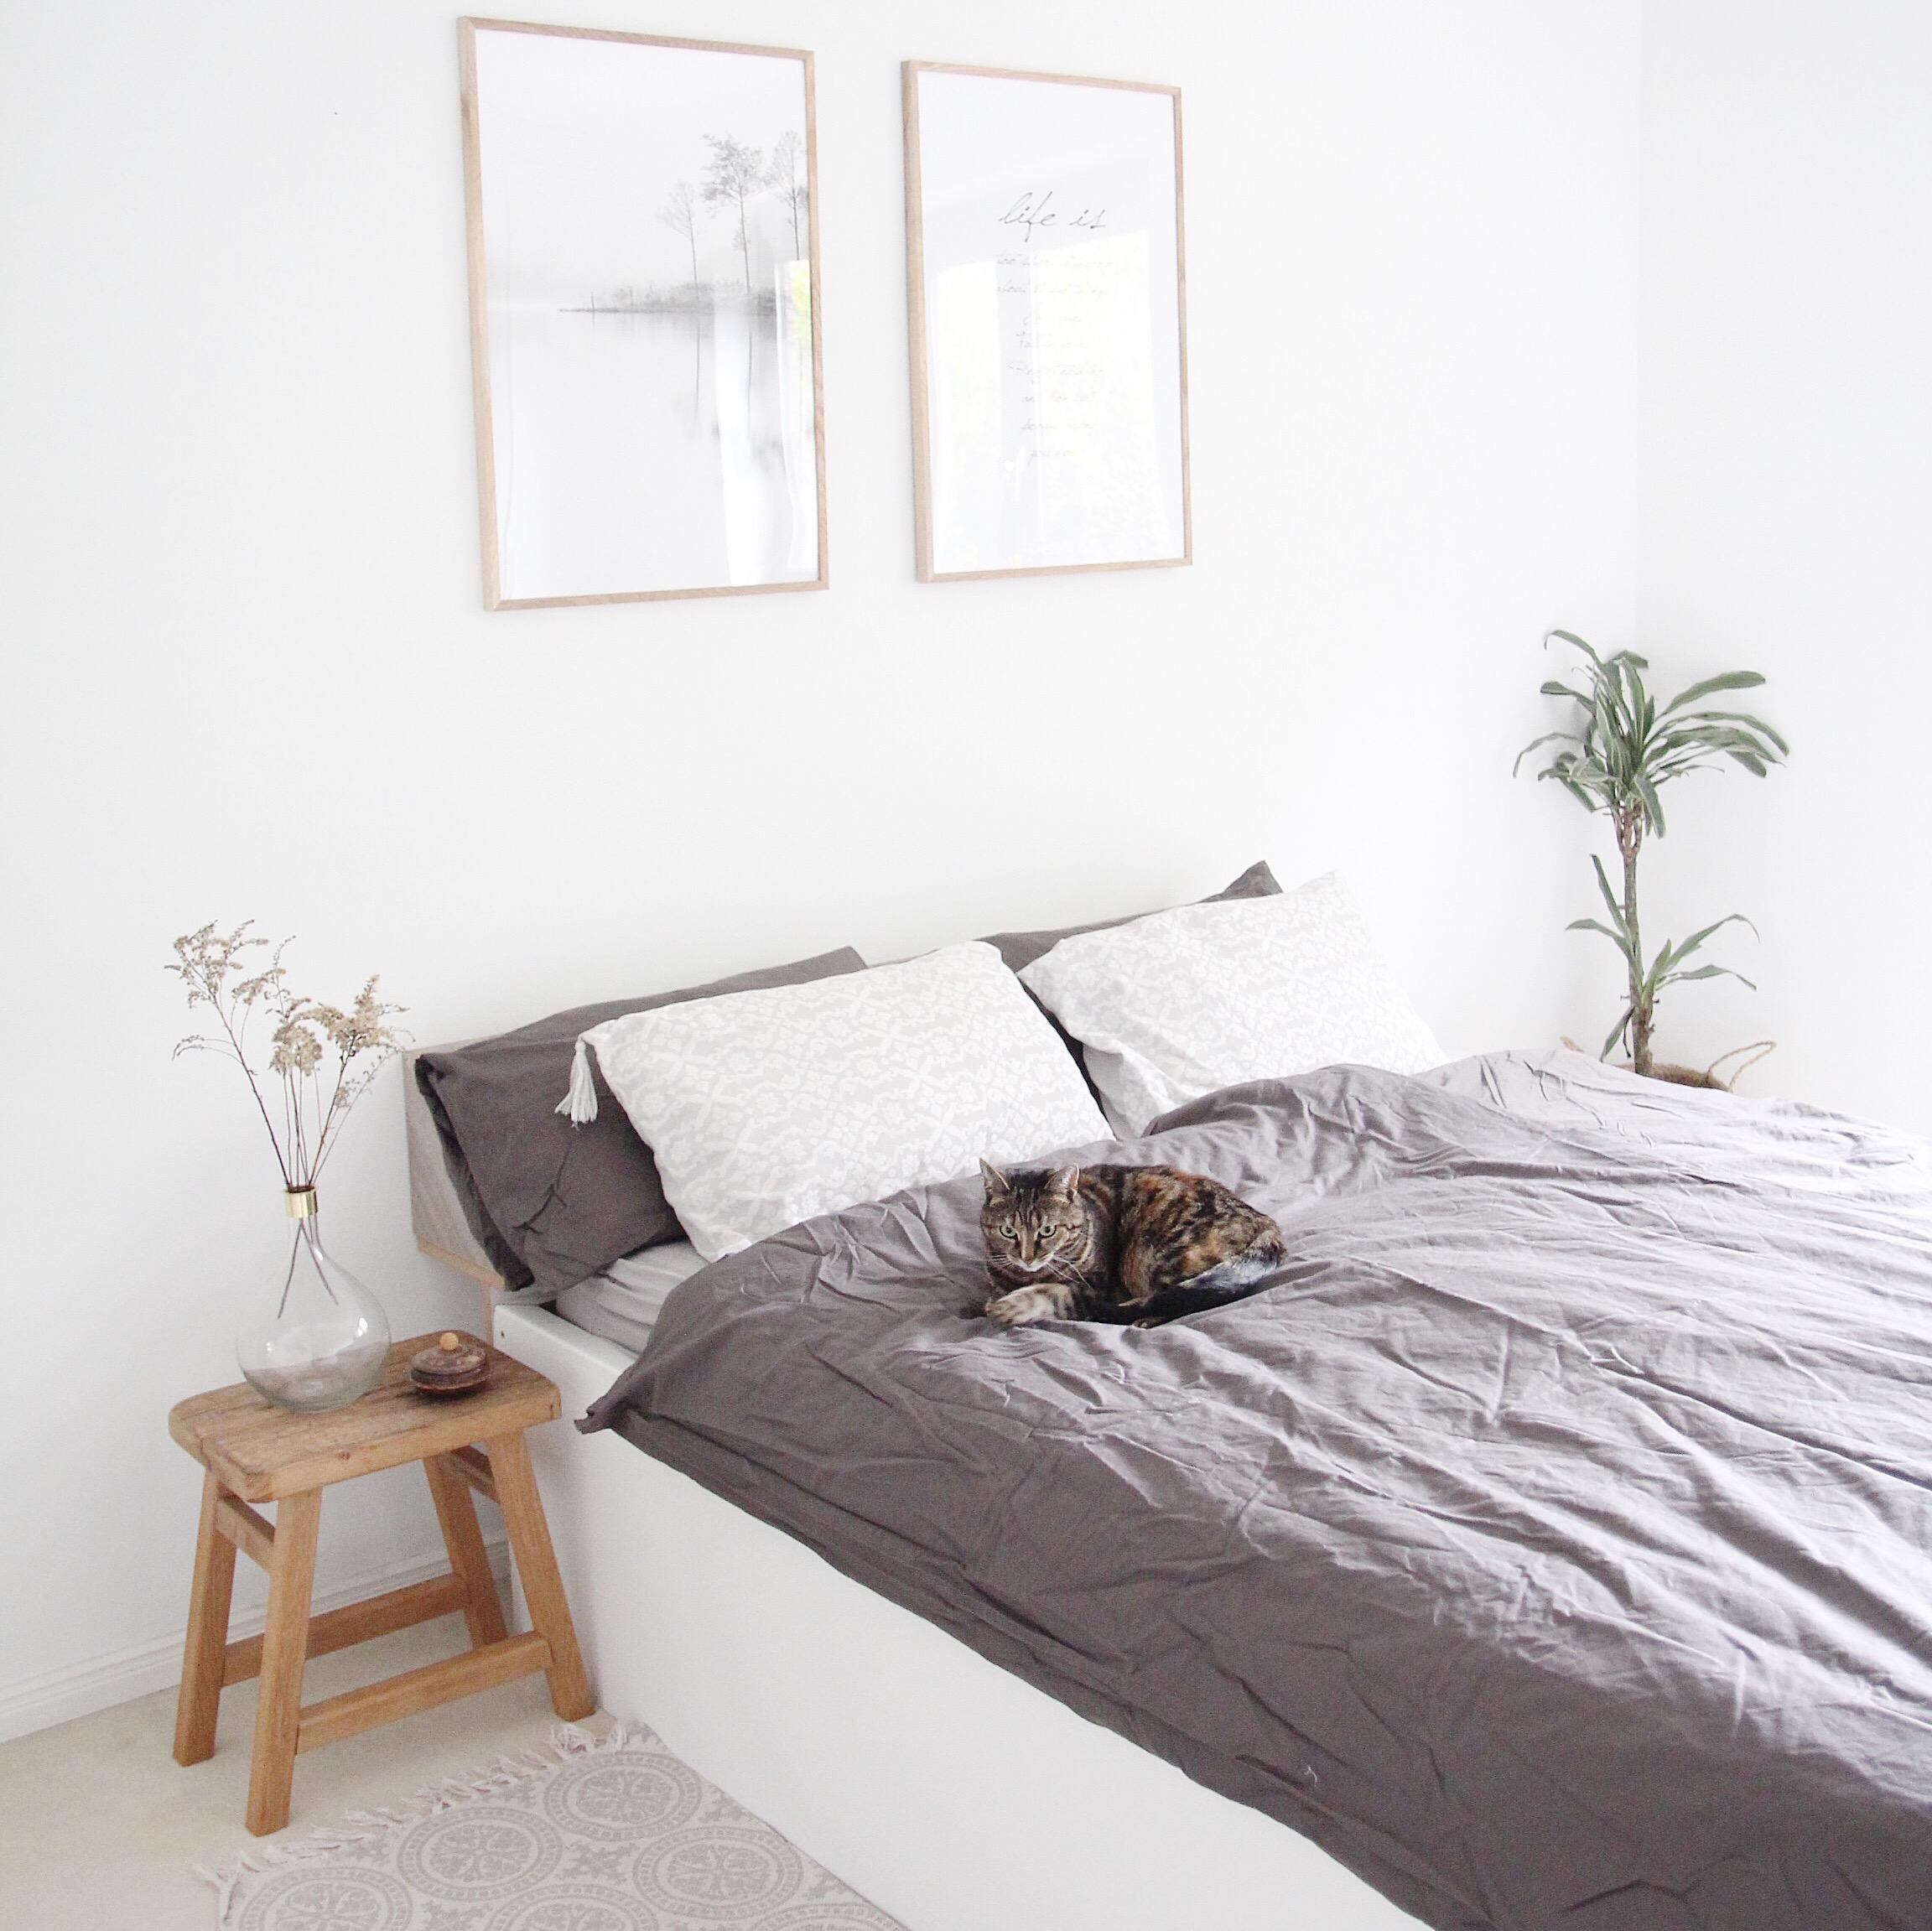 Full Size of Schlafzimmer Dekorieren Design Dots Vorhänge Wandtattoo Landhaus Set Weiß Komplett Massivholz Mit Lattenrost Und Matratze Günstig überbau Deckenleuchten Wohnzimmer Schlafzimmer Dekorieren